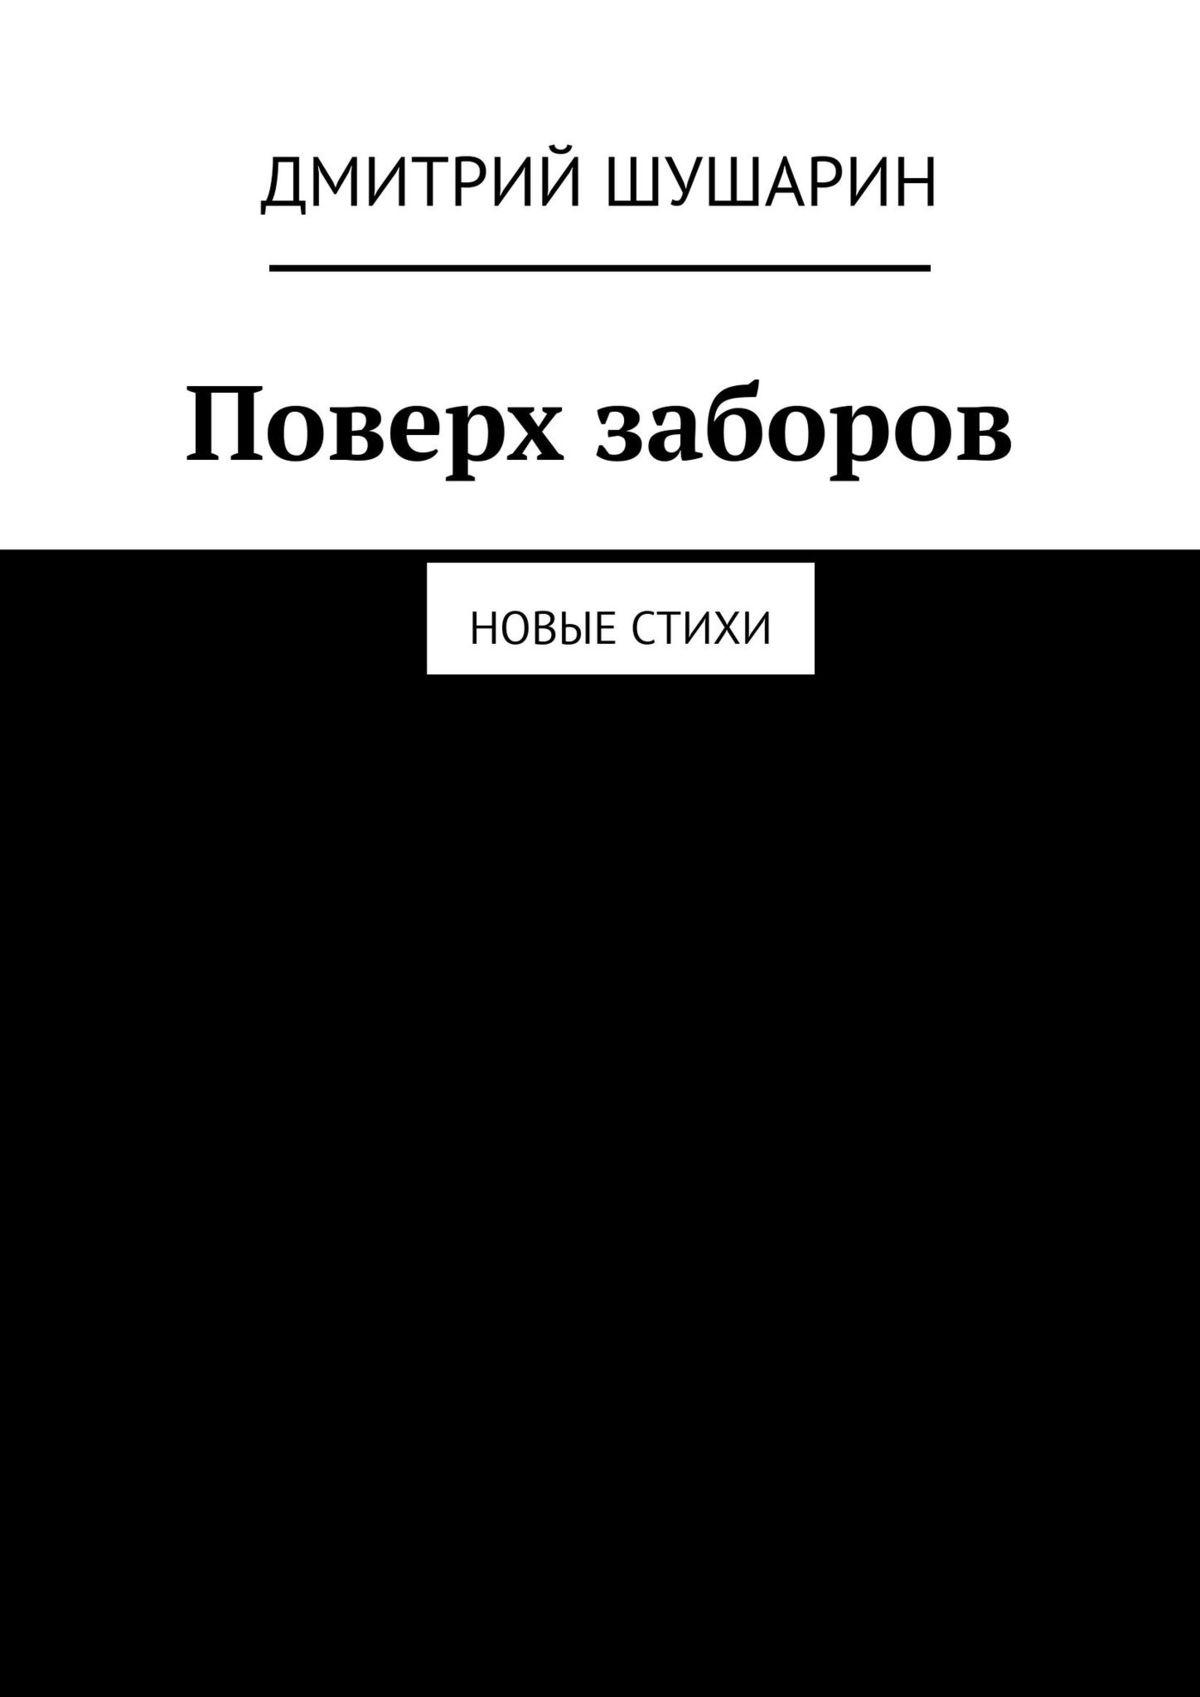 Дмитрий Шушарин - Поверх заборов. Новые стихи